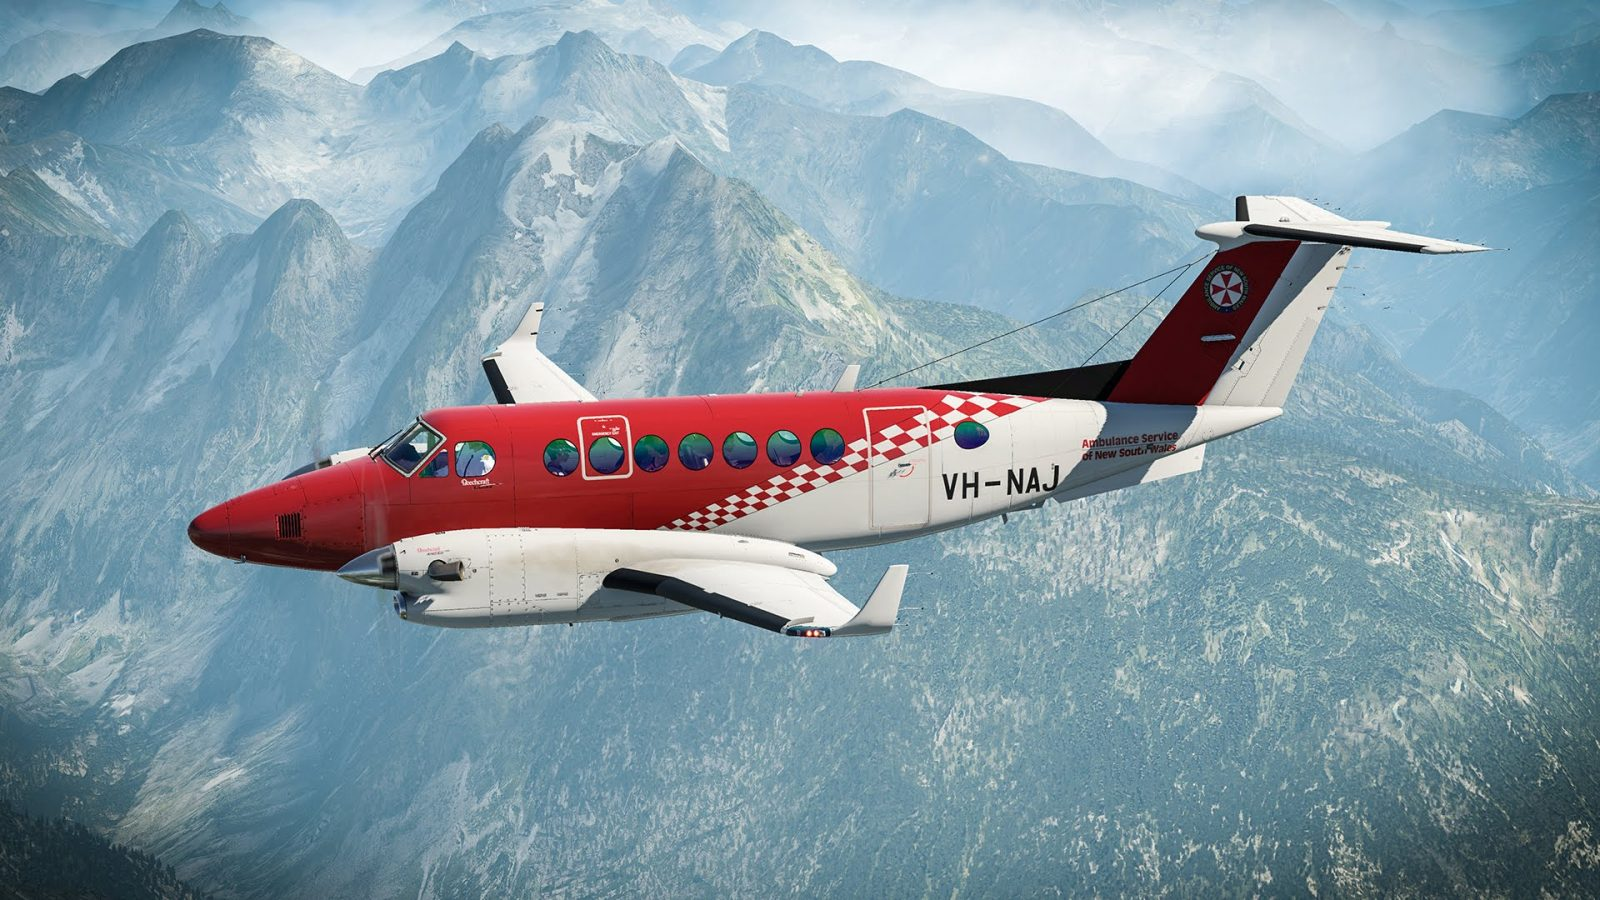 airfoillabs-king-air-350-27-1600x900.jpg